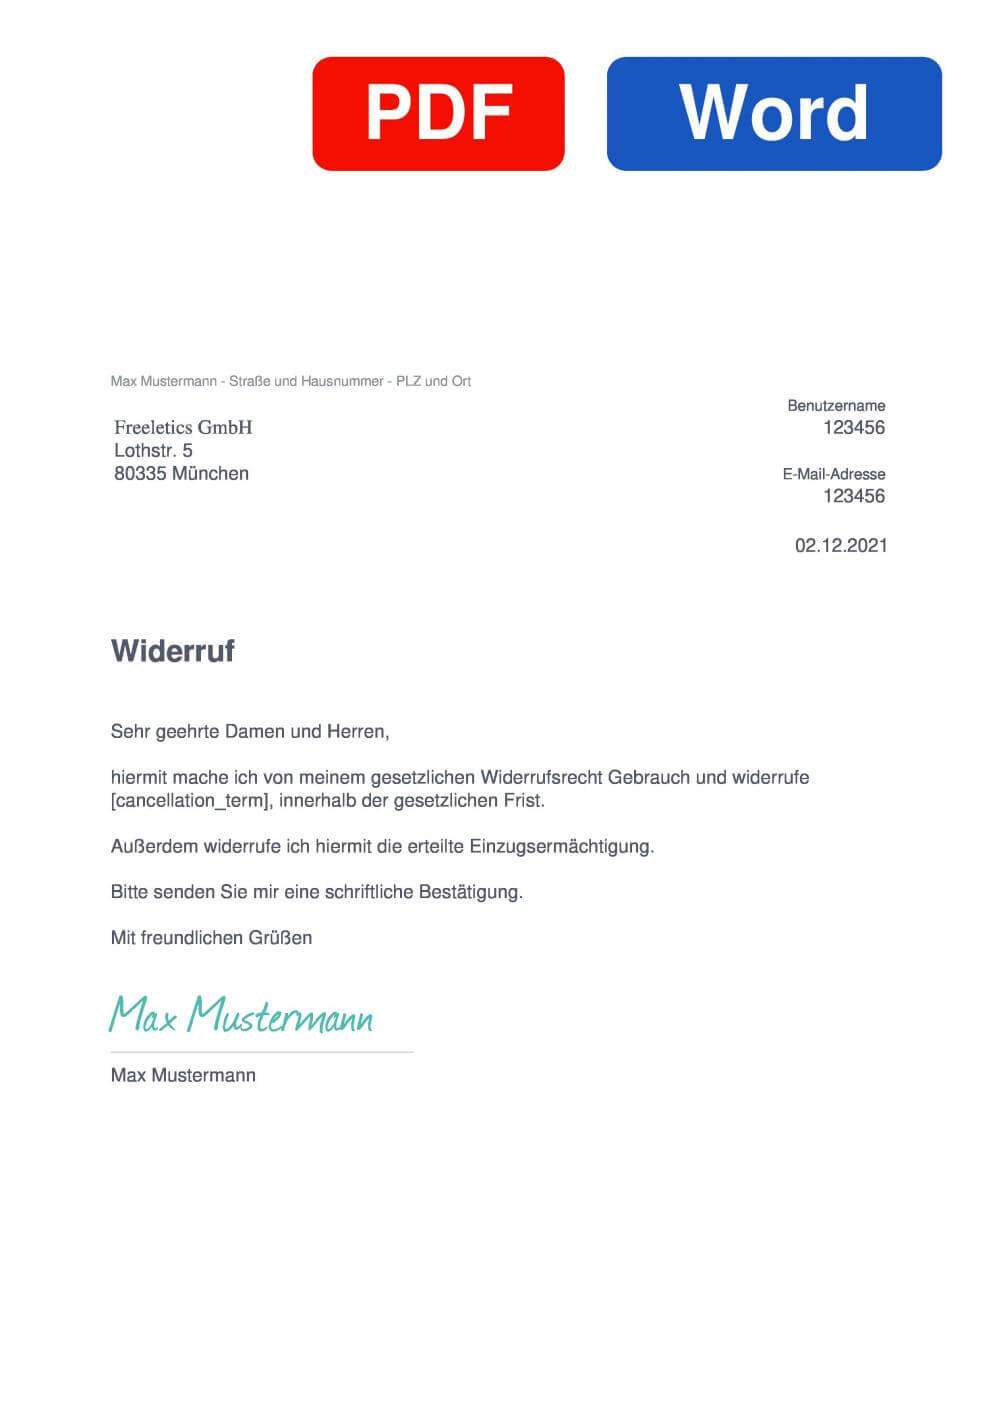 FREELETICS Muster Vorlage für Wiederrufsschreiben